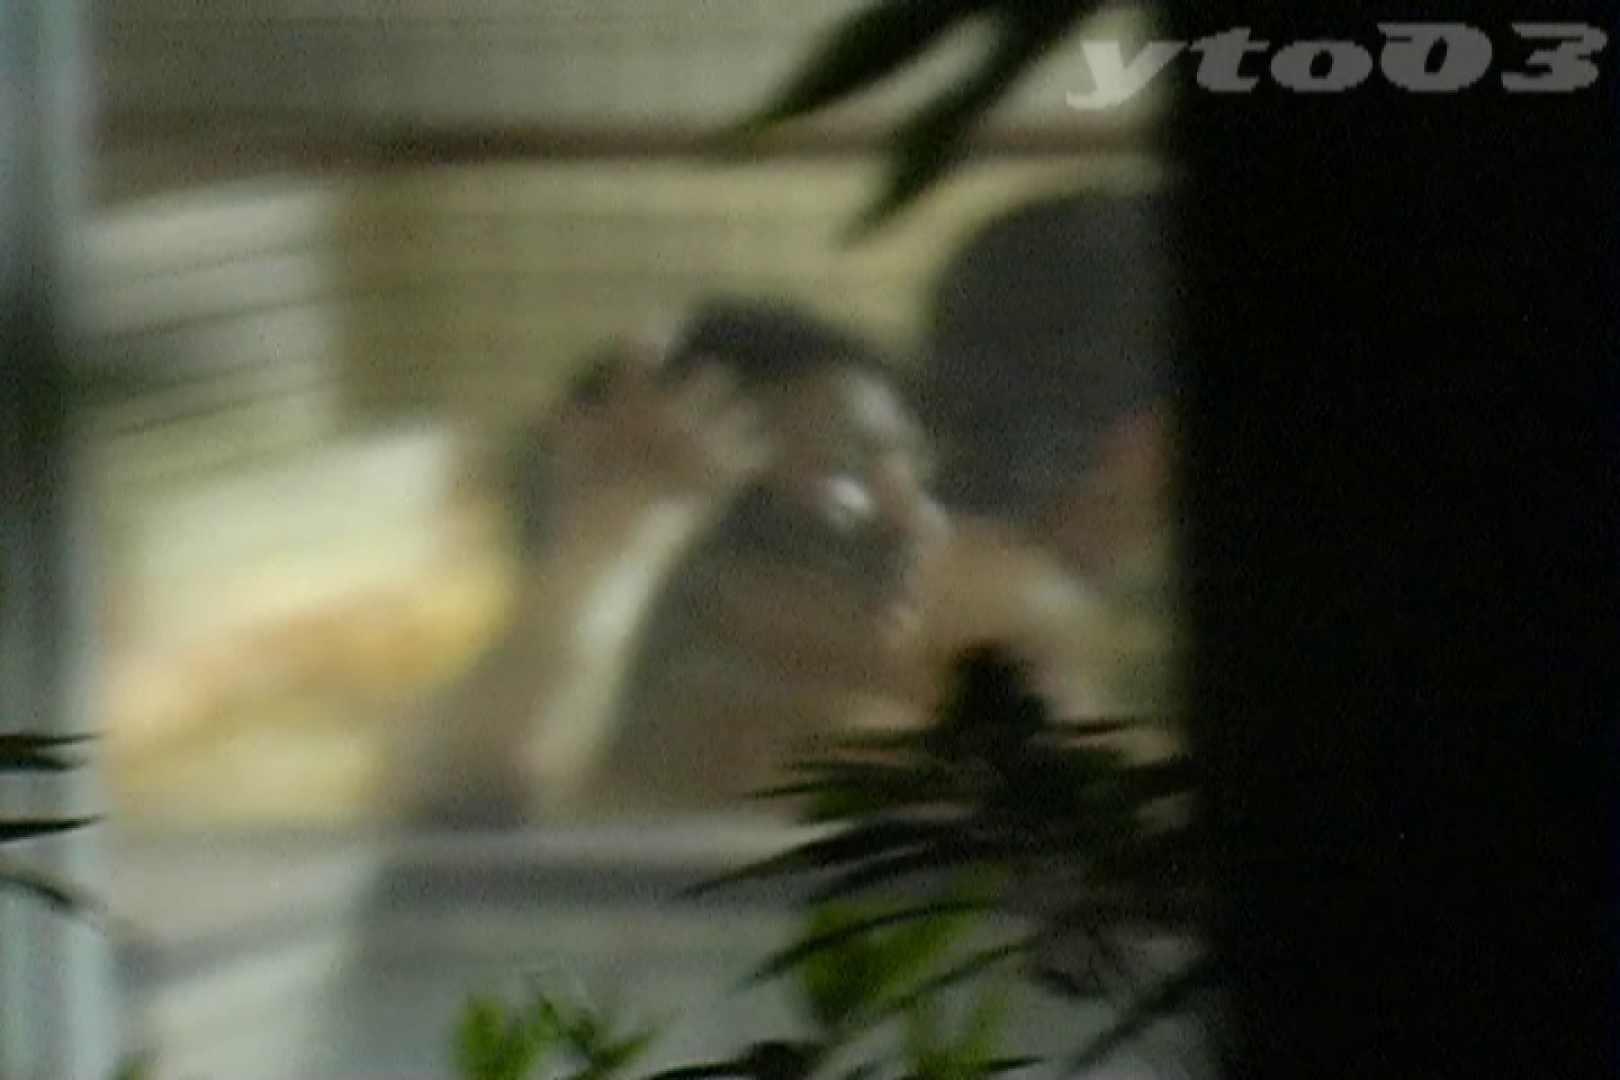 ▲復活限定▲合宿ホテル女風呂盗撮 Vol.20 ホテル   合宿  70連発 16